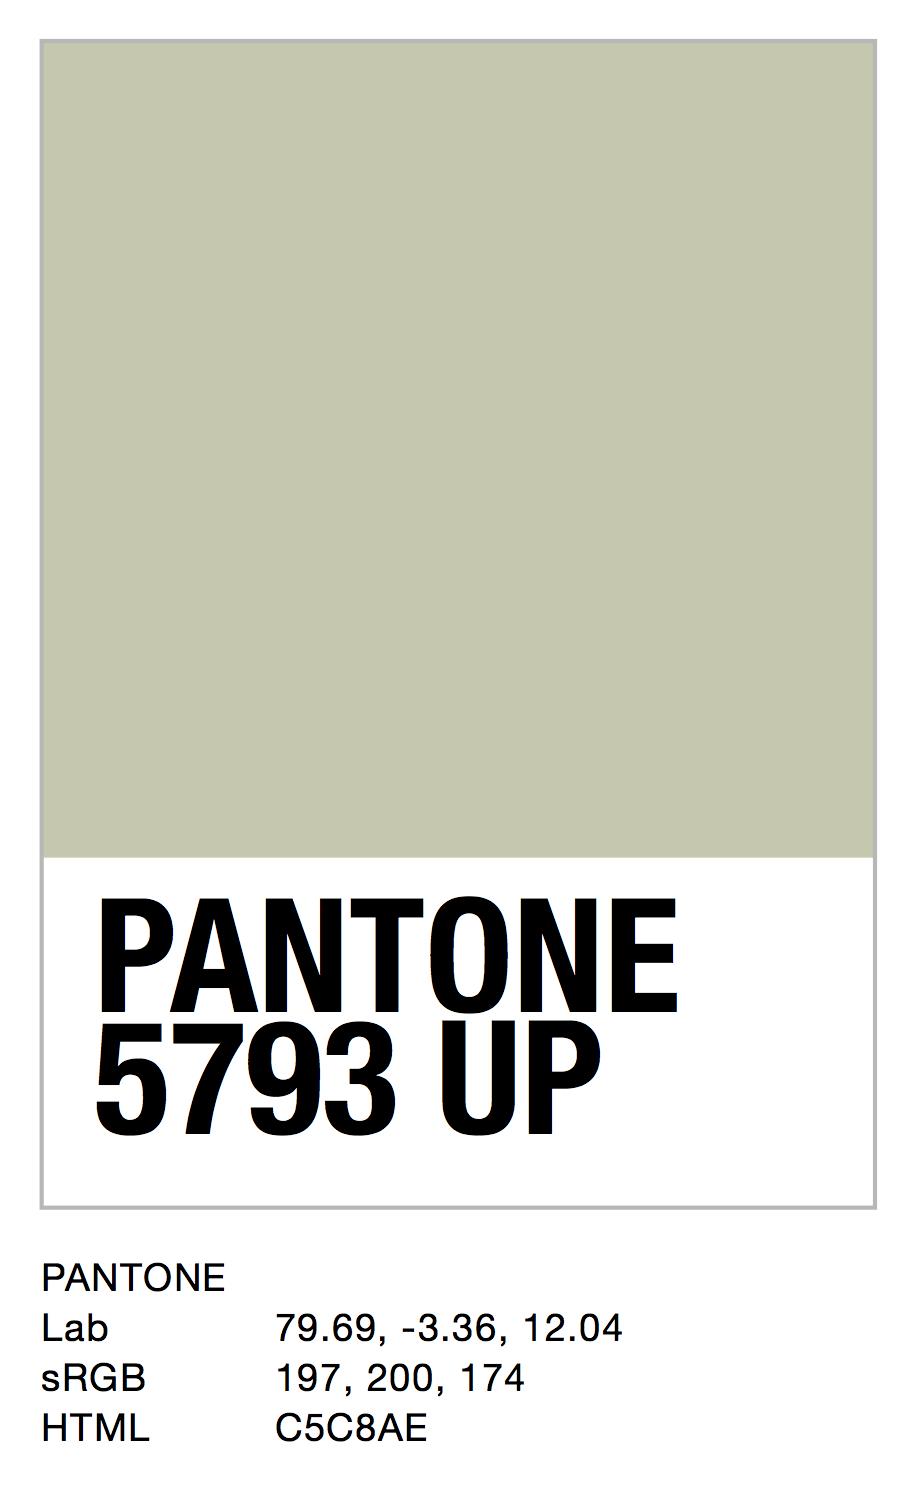 PANTONE 5793 UP.jpg